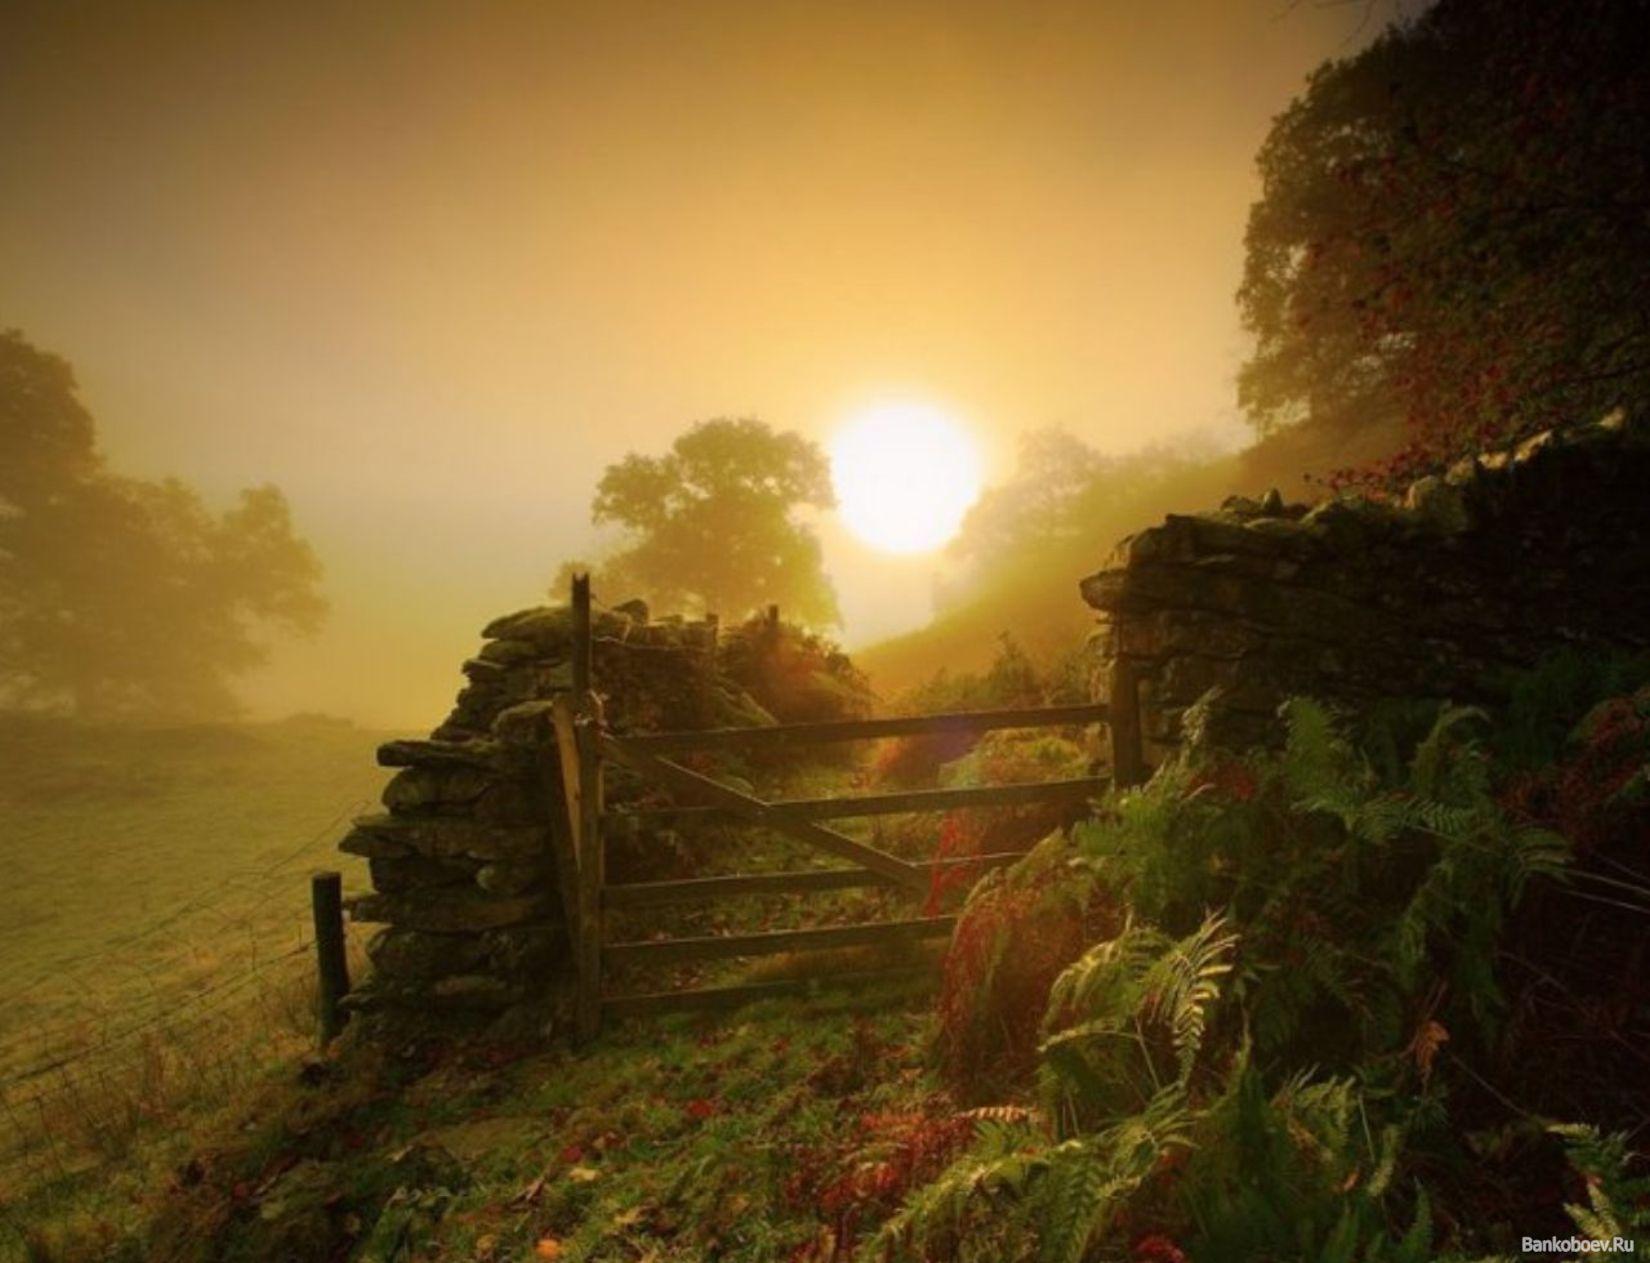 Смотреть деревенское фото фото 316-888